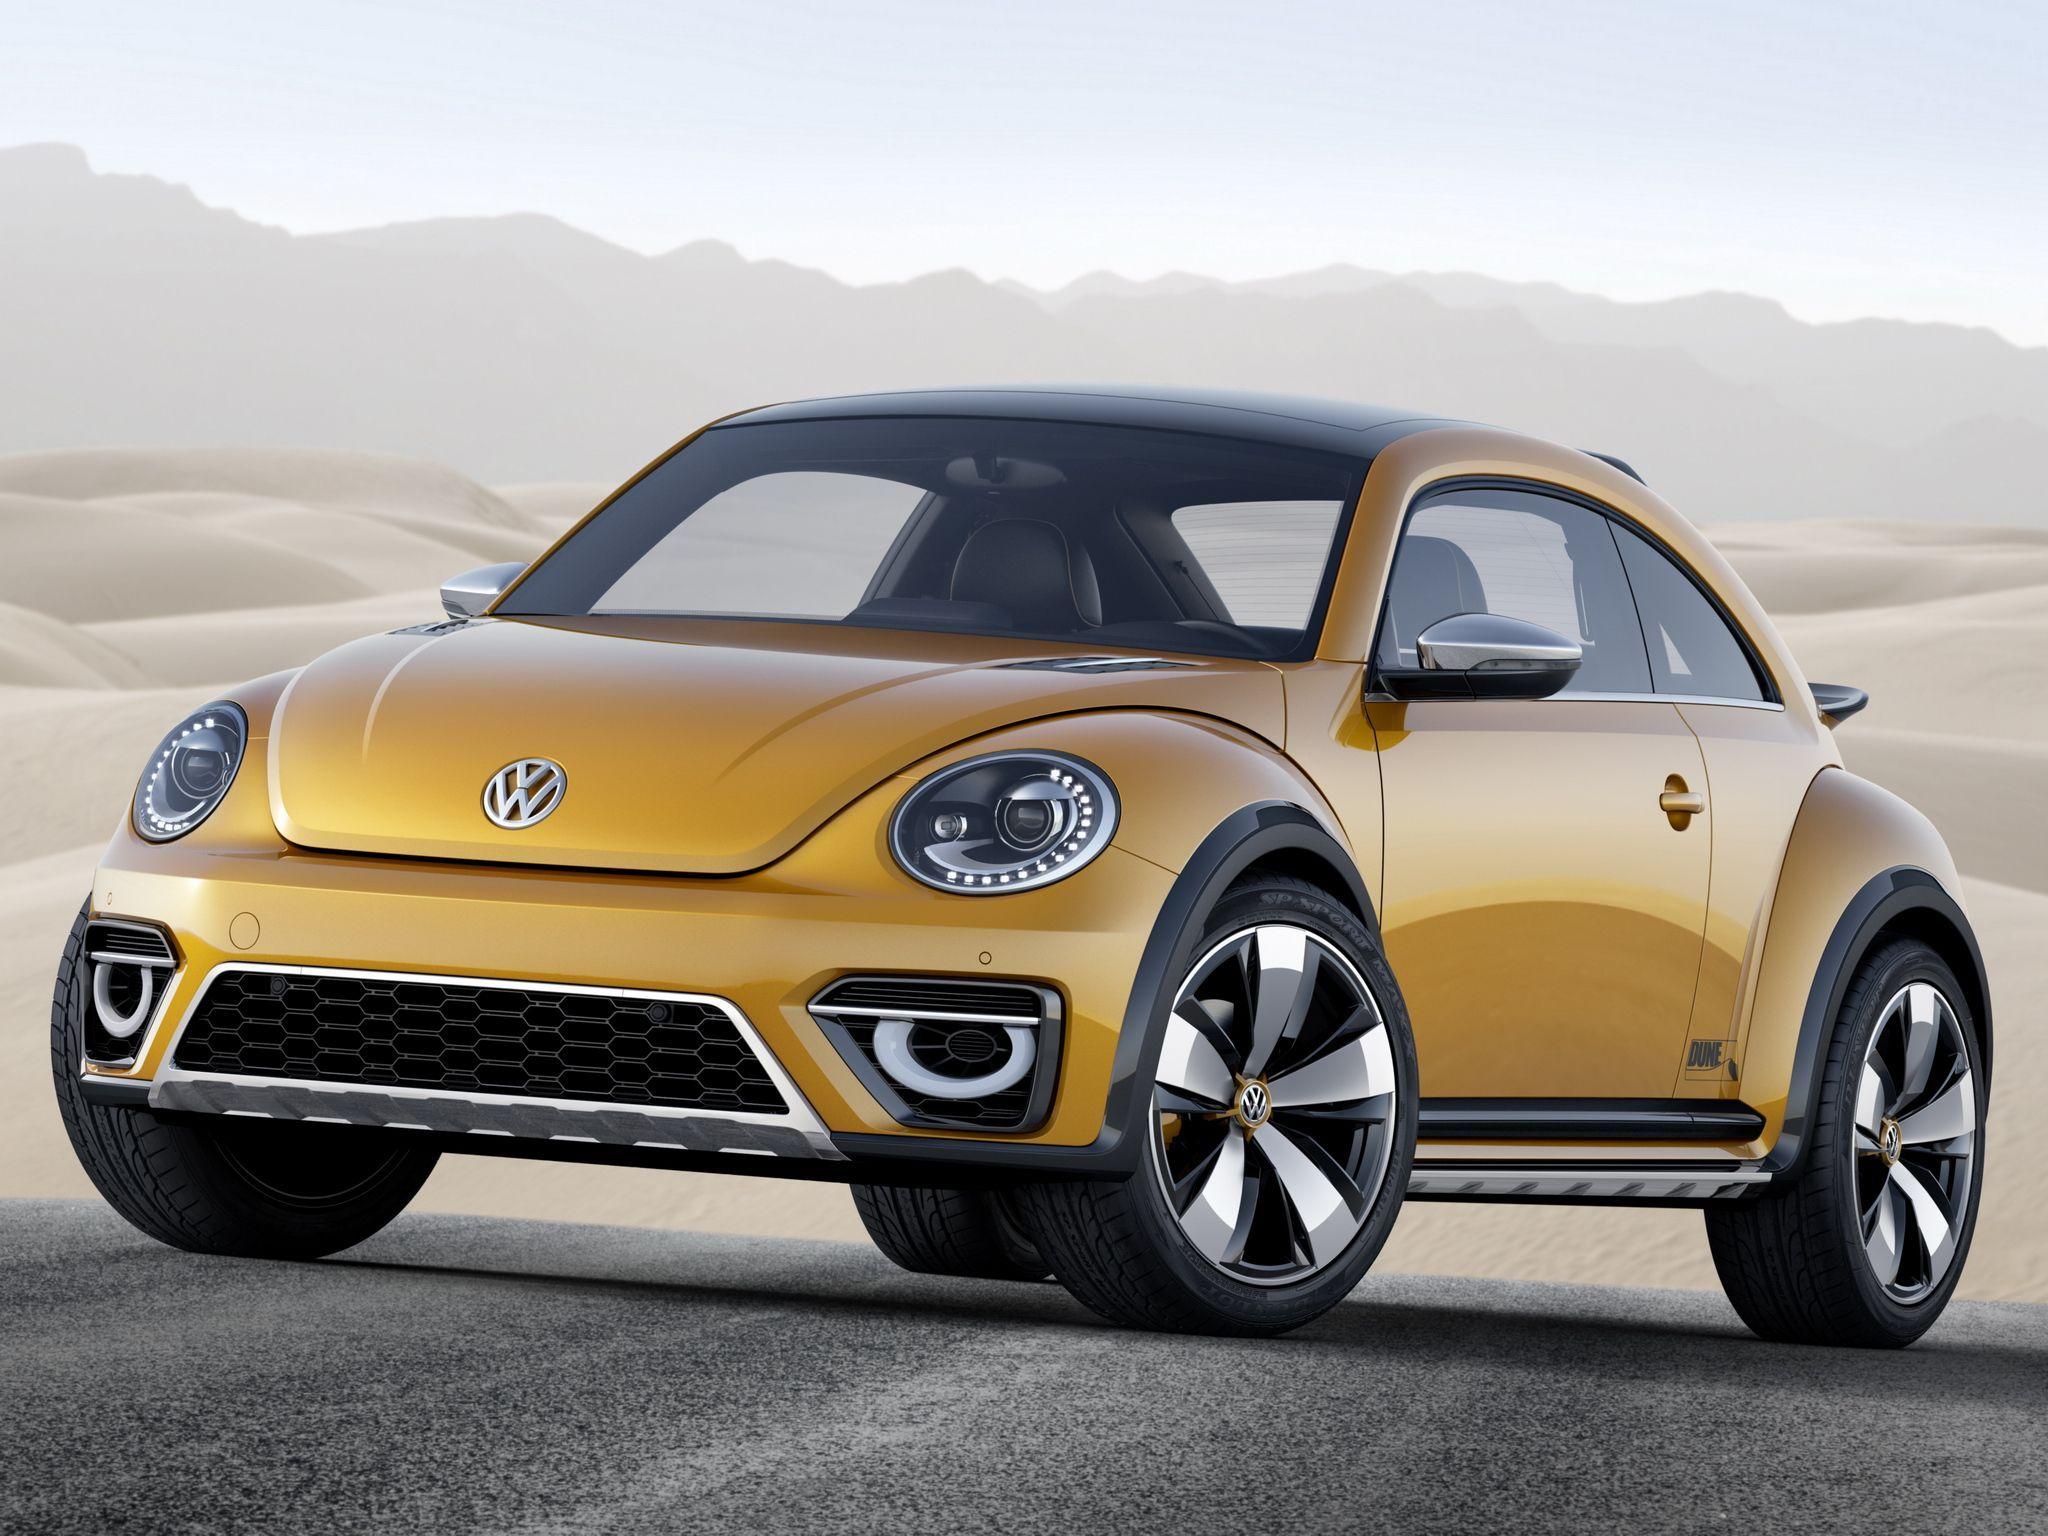 Volkswagen Fusca 2020 Interior Vw Beetles Volkswagen Kubelwagen Volkswagen